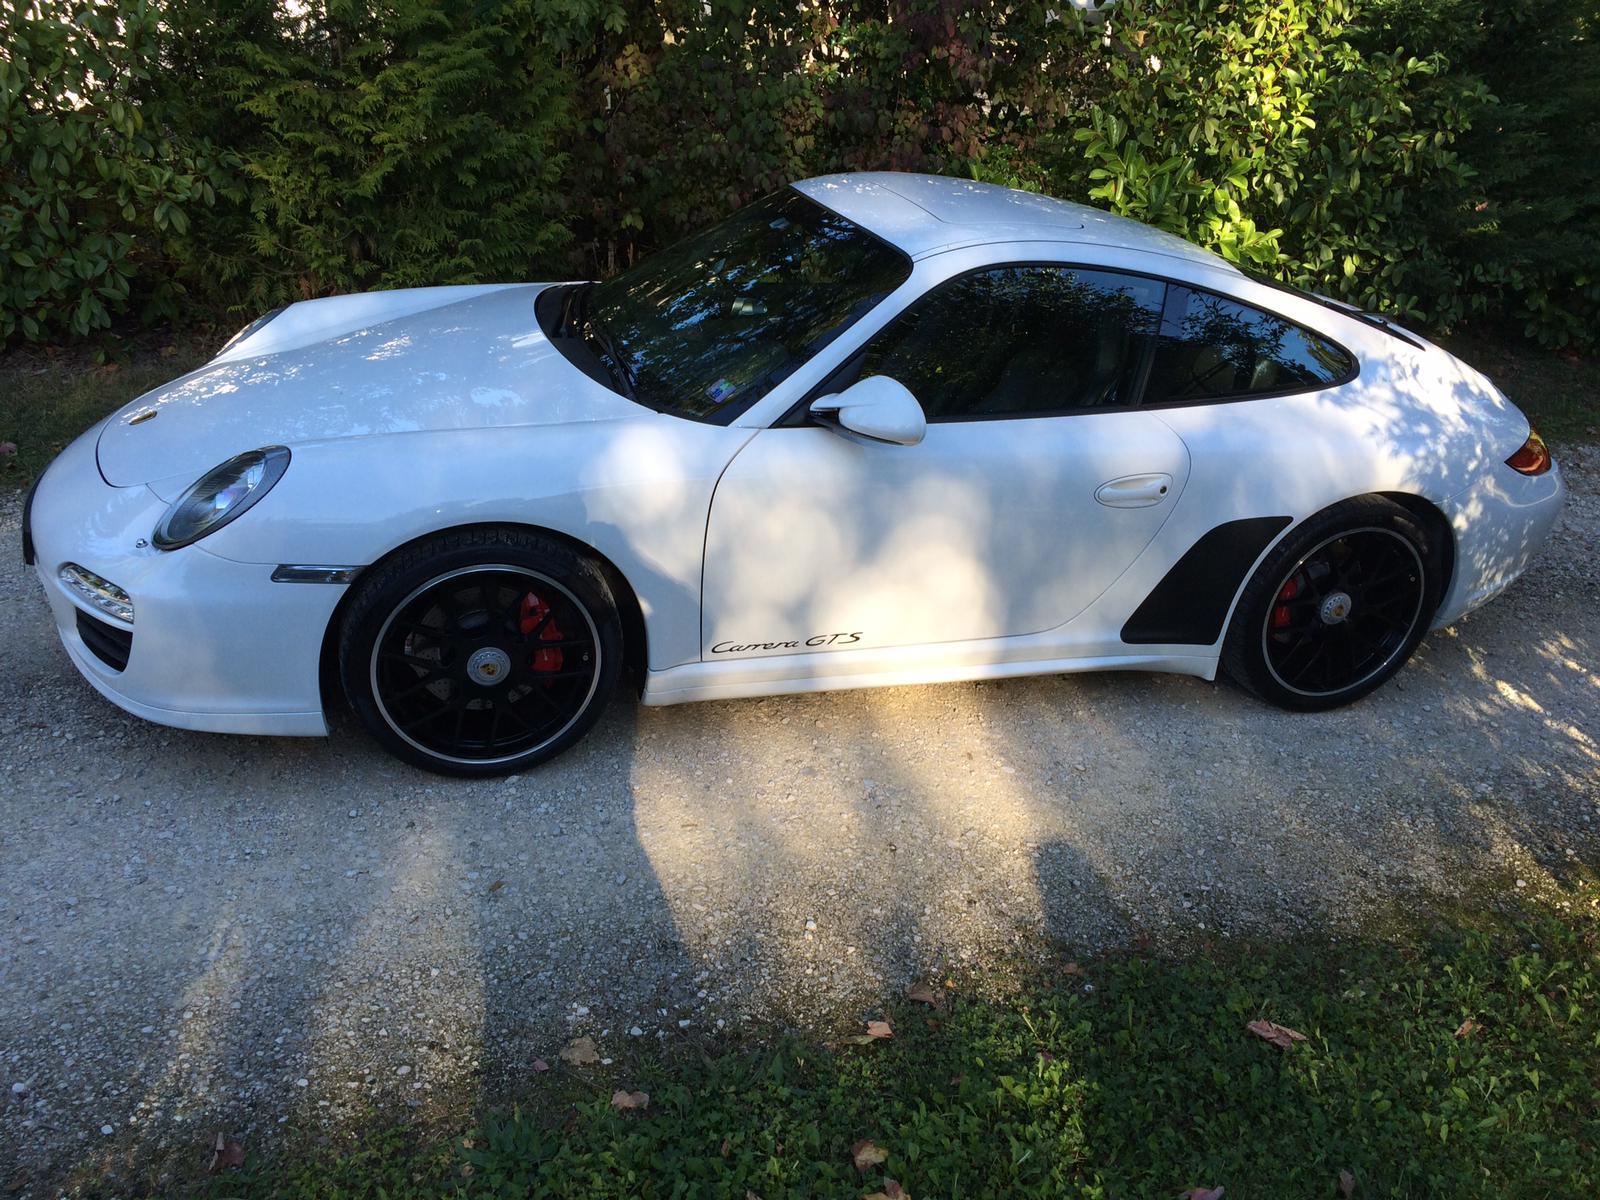 Porsche 997 Carrera GTS (Porsche 997)